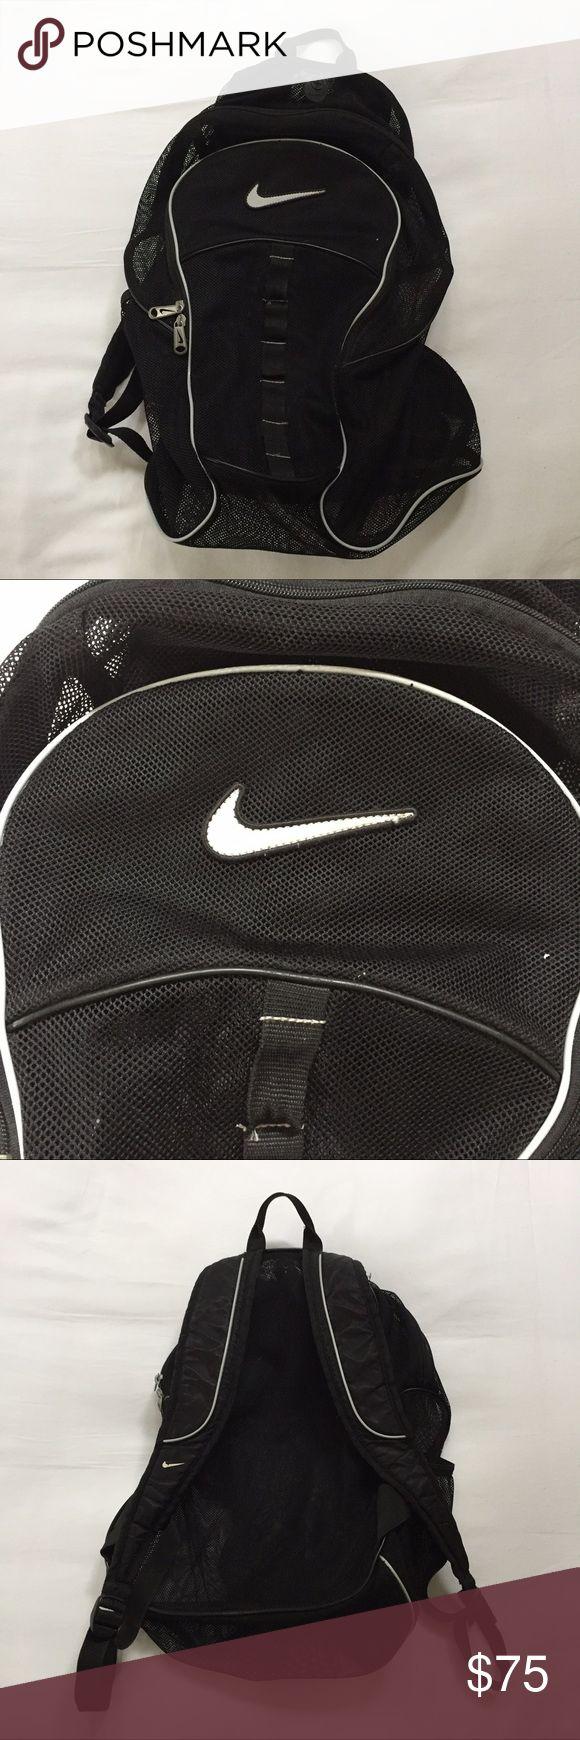 🐚 Nike mesh backpack 🐚 Nike mesh backpack • gently used • in great shape Nike Bags Backpacks